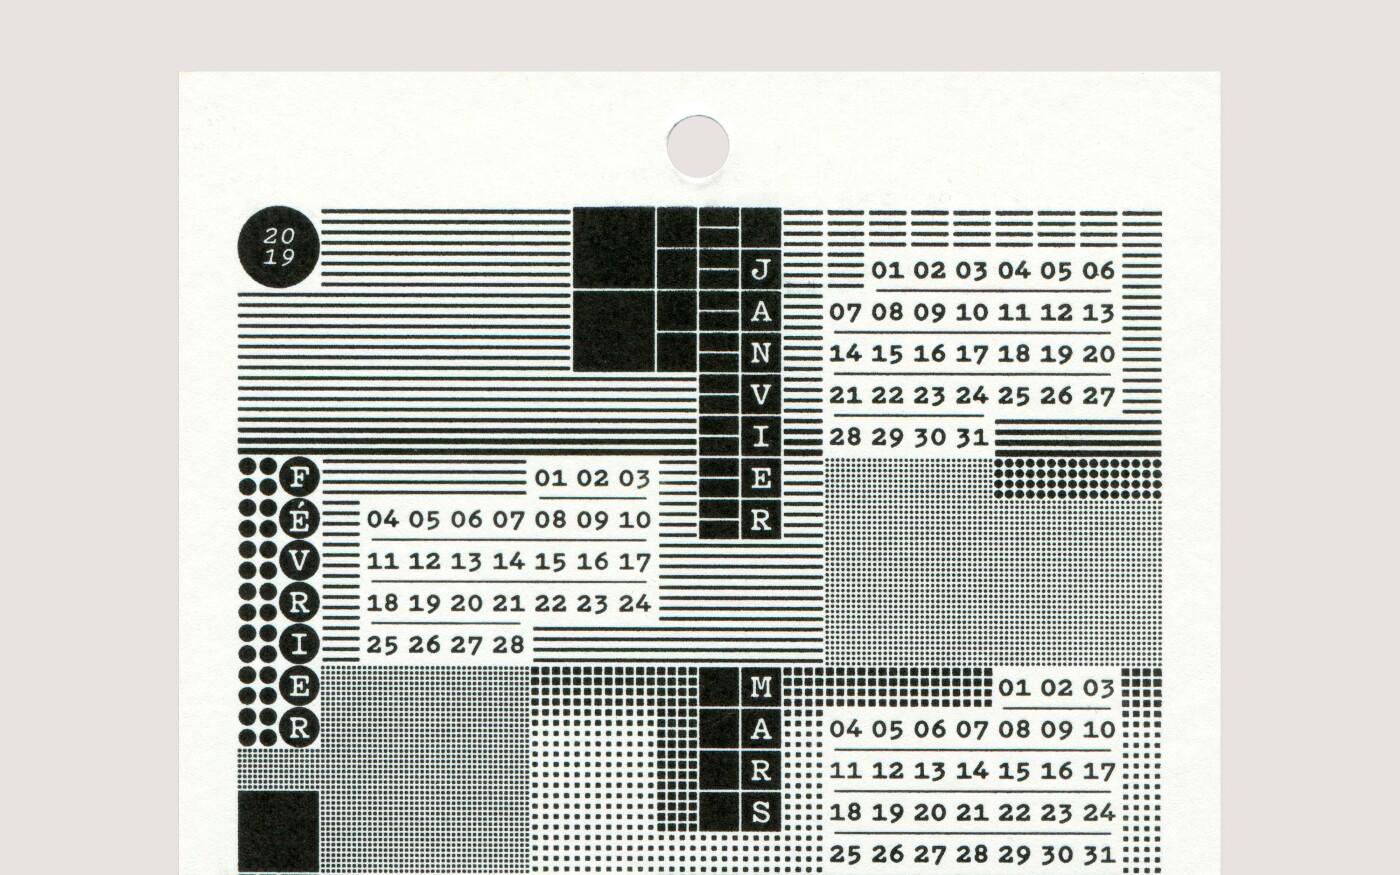 Conception graphique d'un calendrier